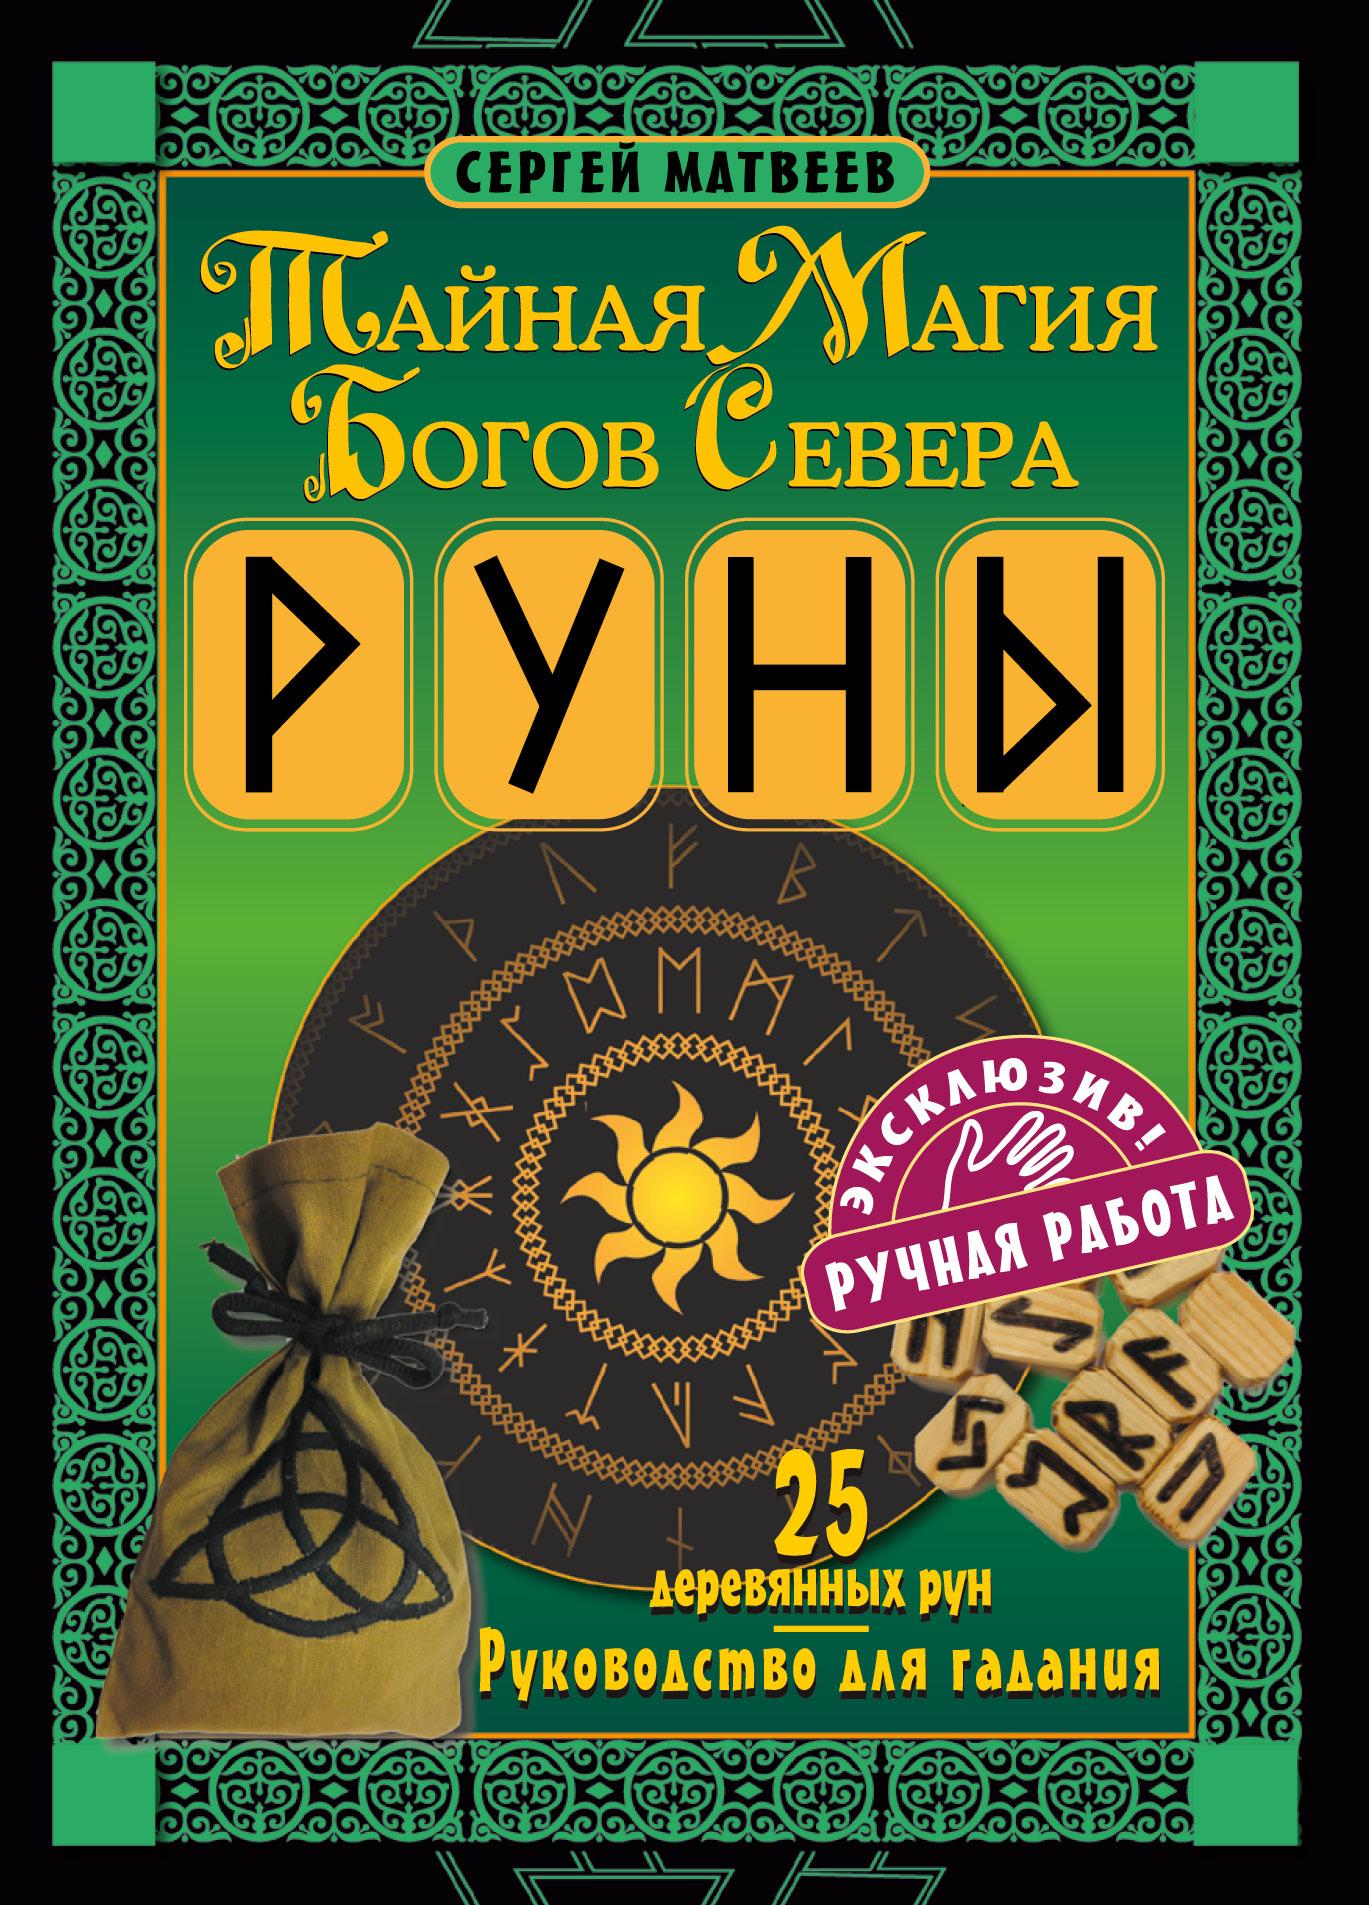 Сергей Матвеев Руны. Тайная магия богов Севера. 25 деревянных рун и руководство для гадания